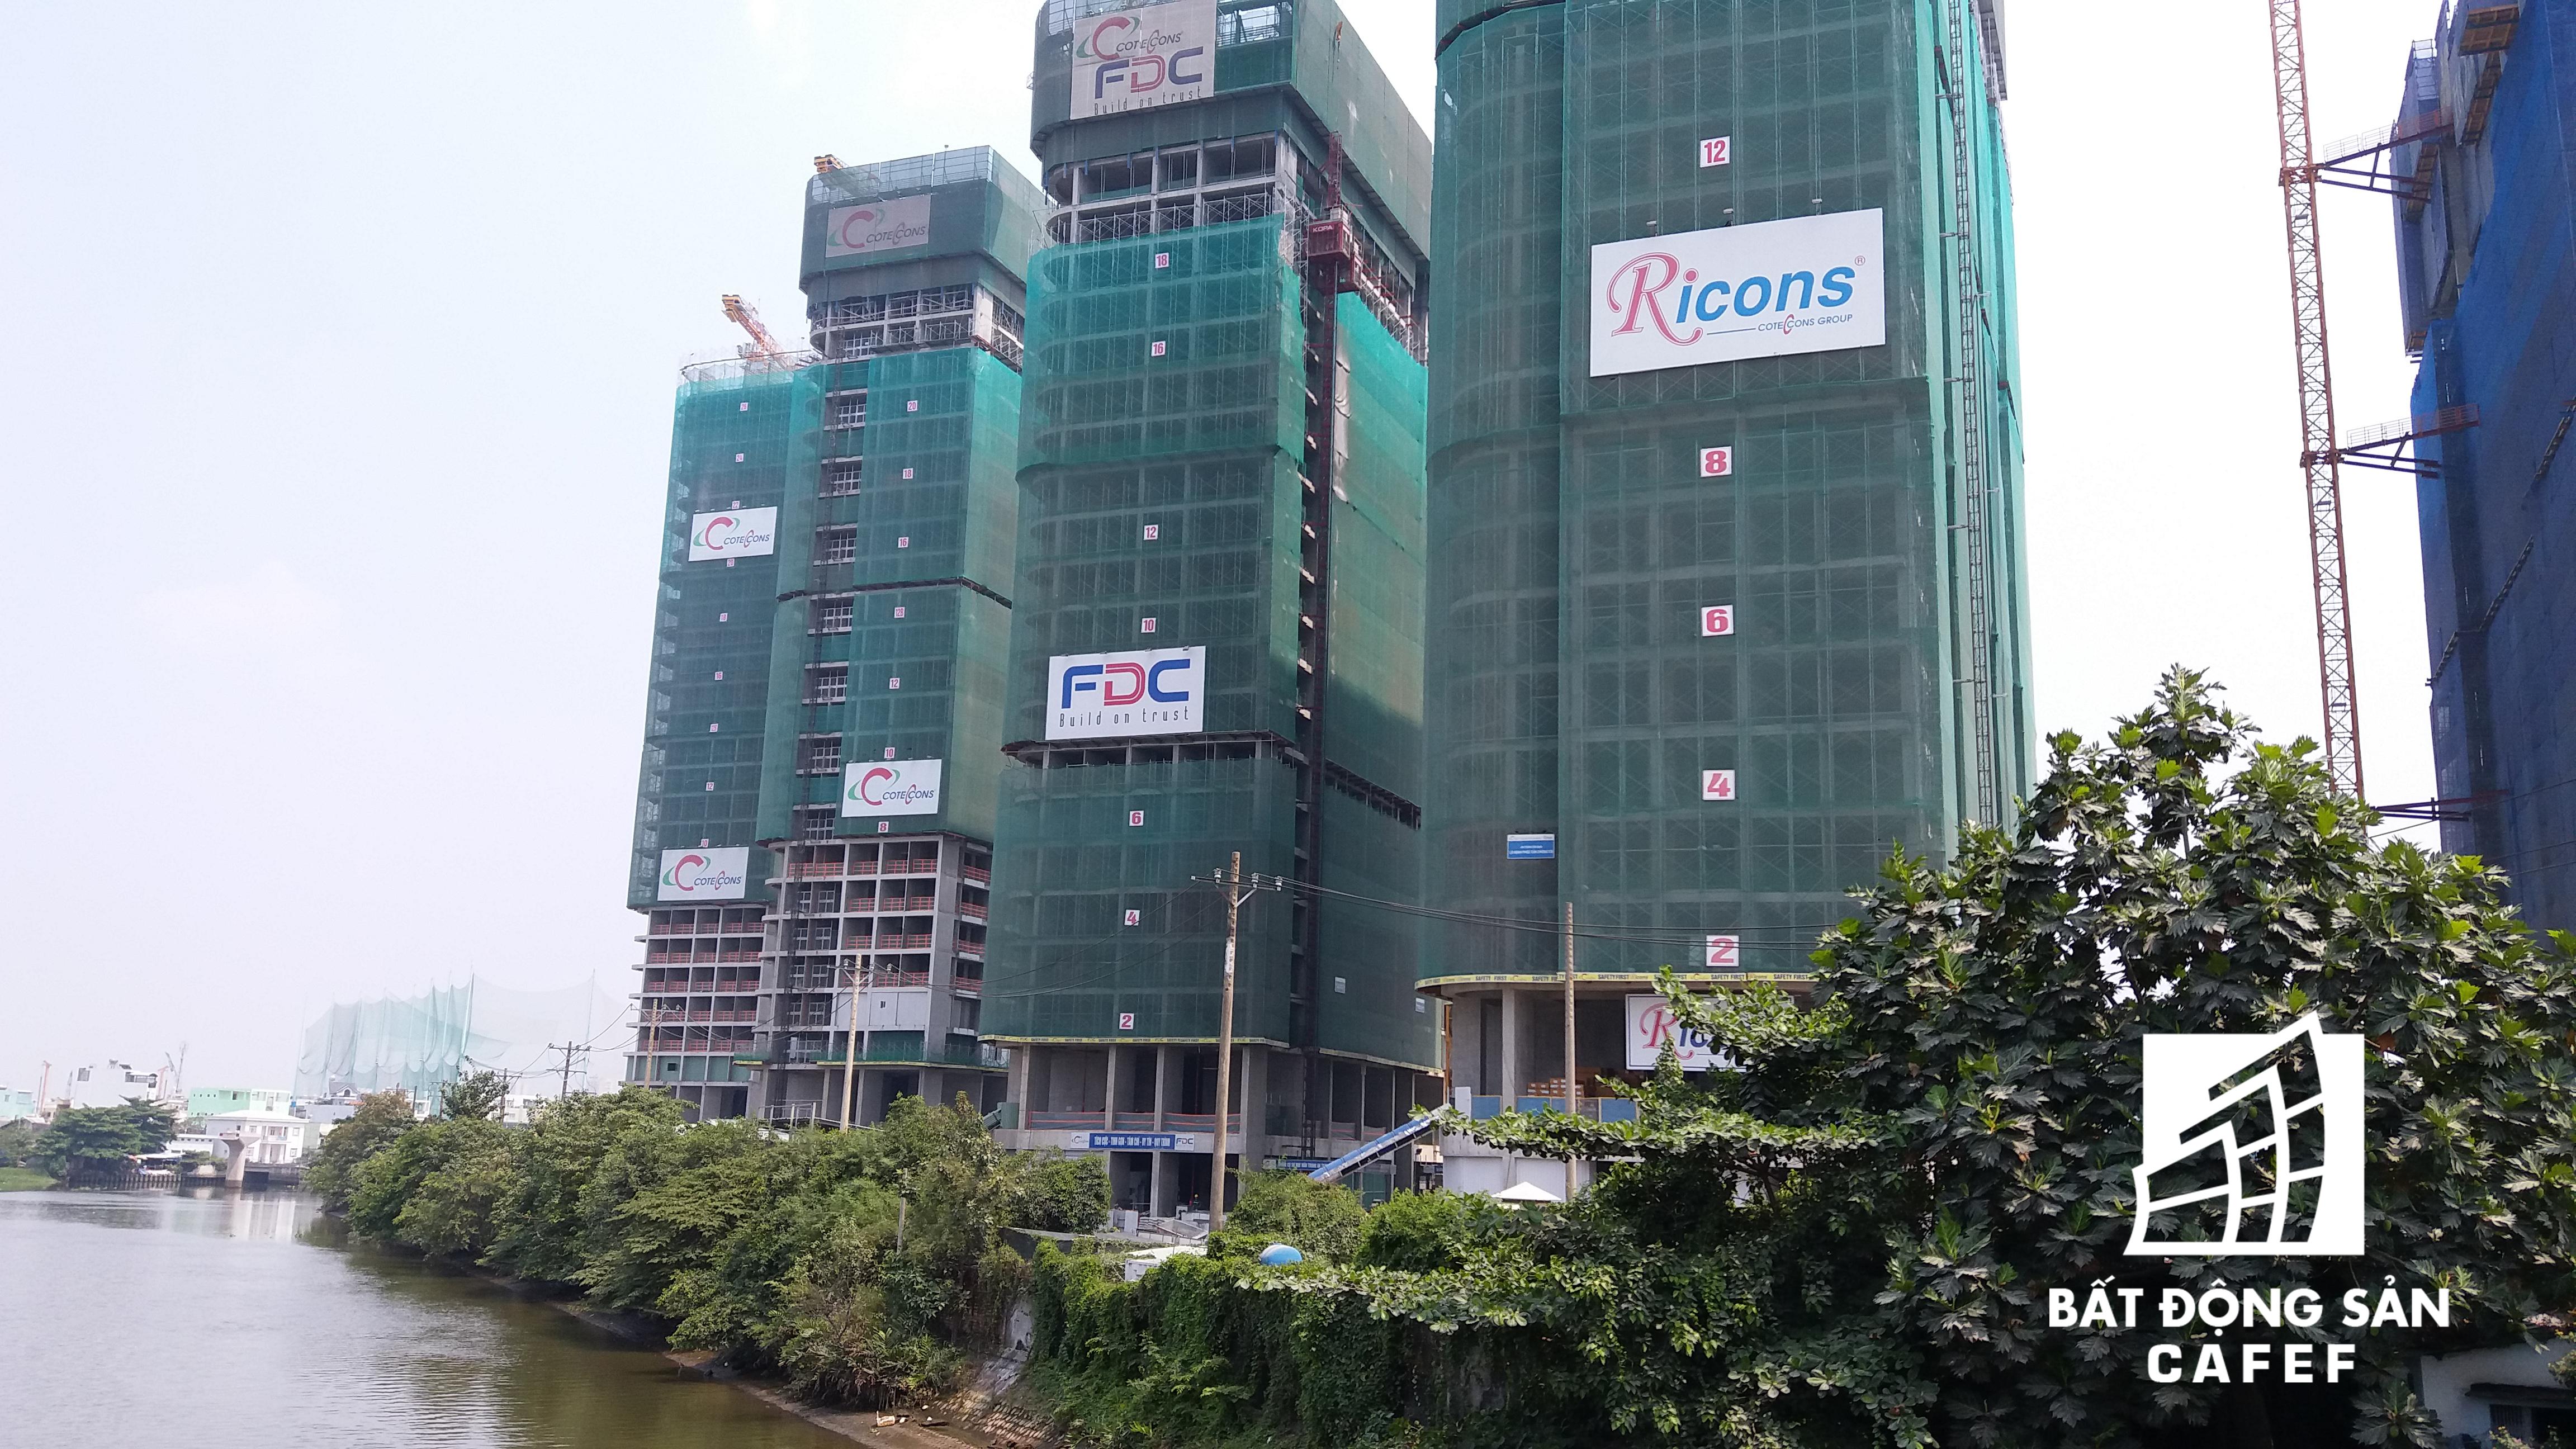 Ngoài ra, khu vực này còn có nhiều dự án khác đang xây dựng như Vinhomes Golden River, khu căn hộ cao cấp Saigon Pearl, Sun Wah Pearl...